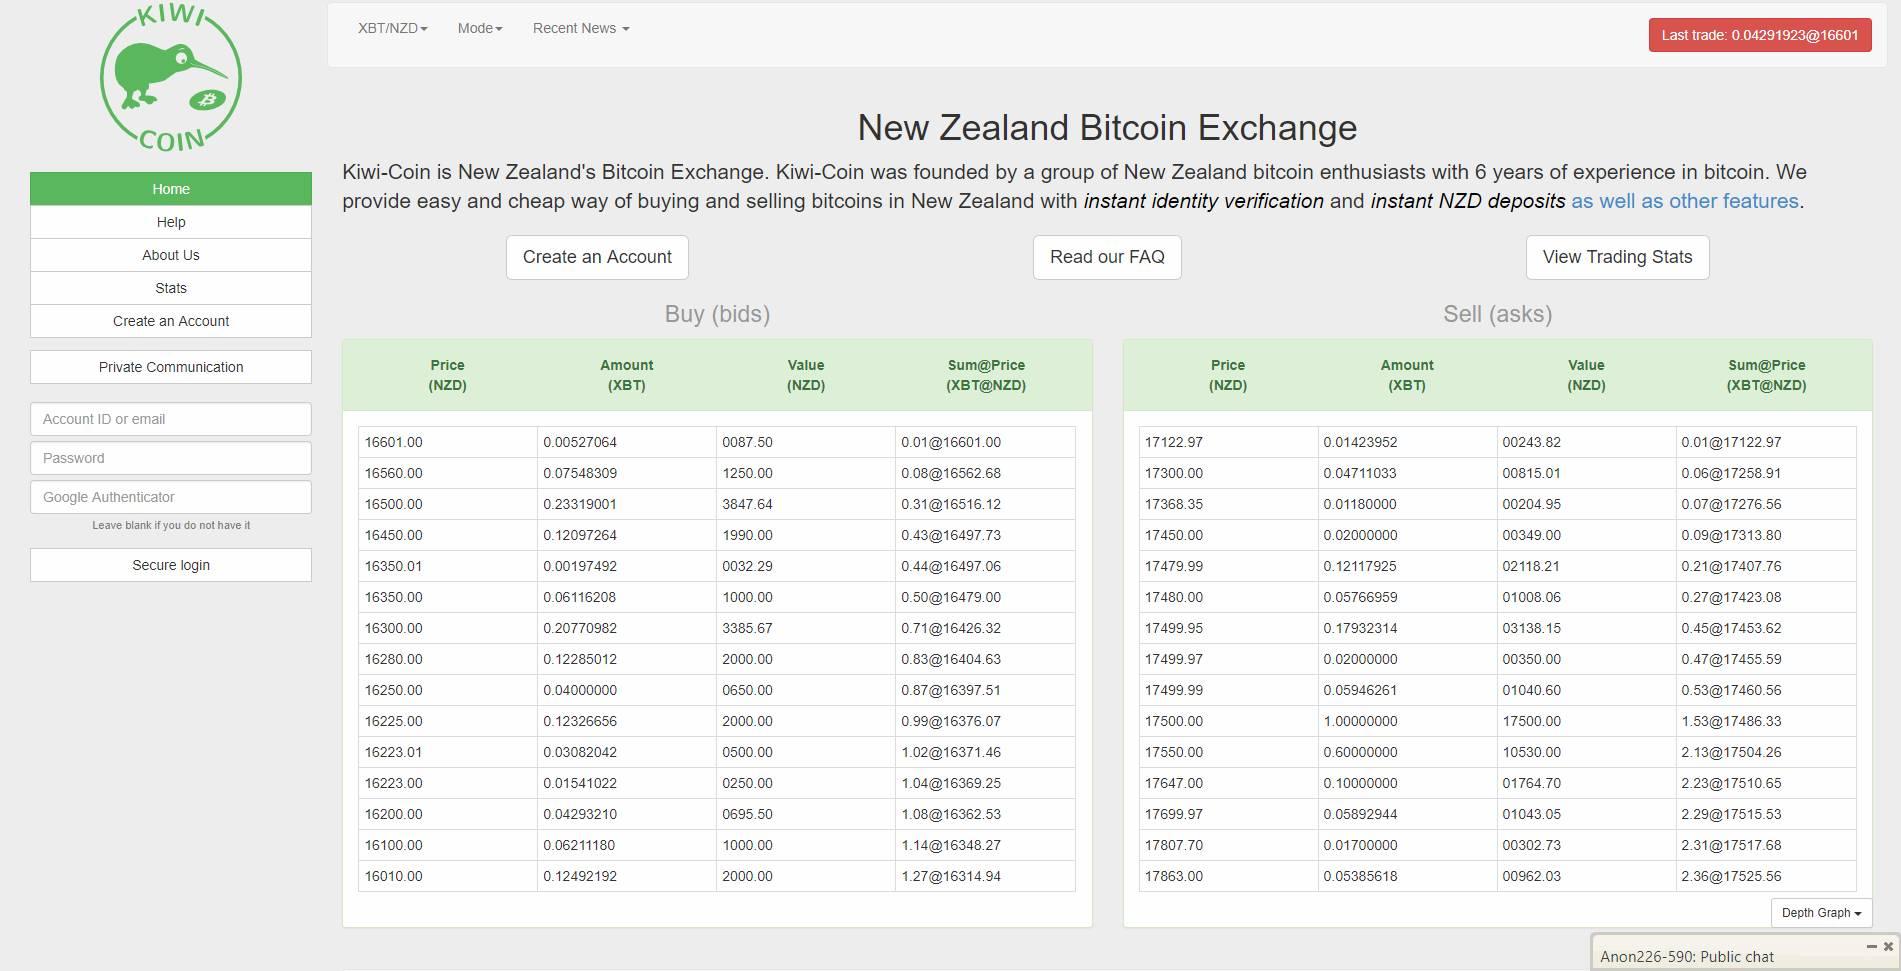 Kiwi-Coin